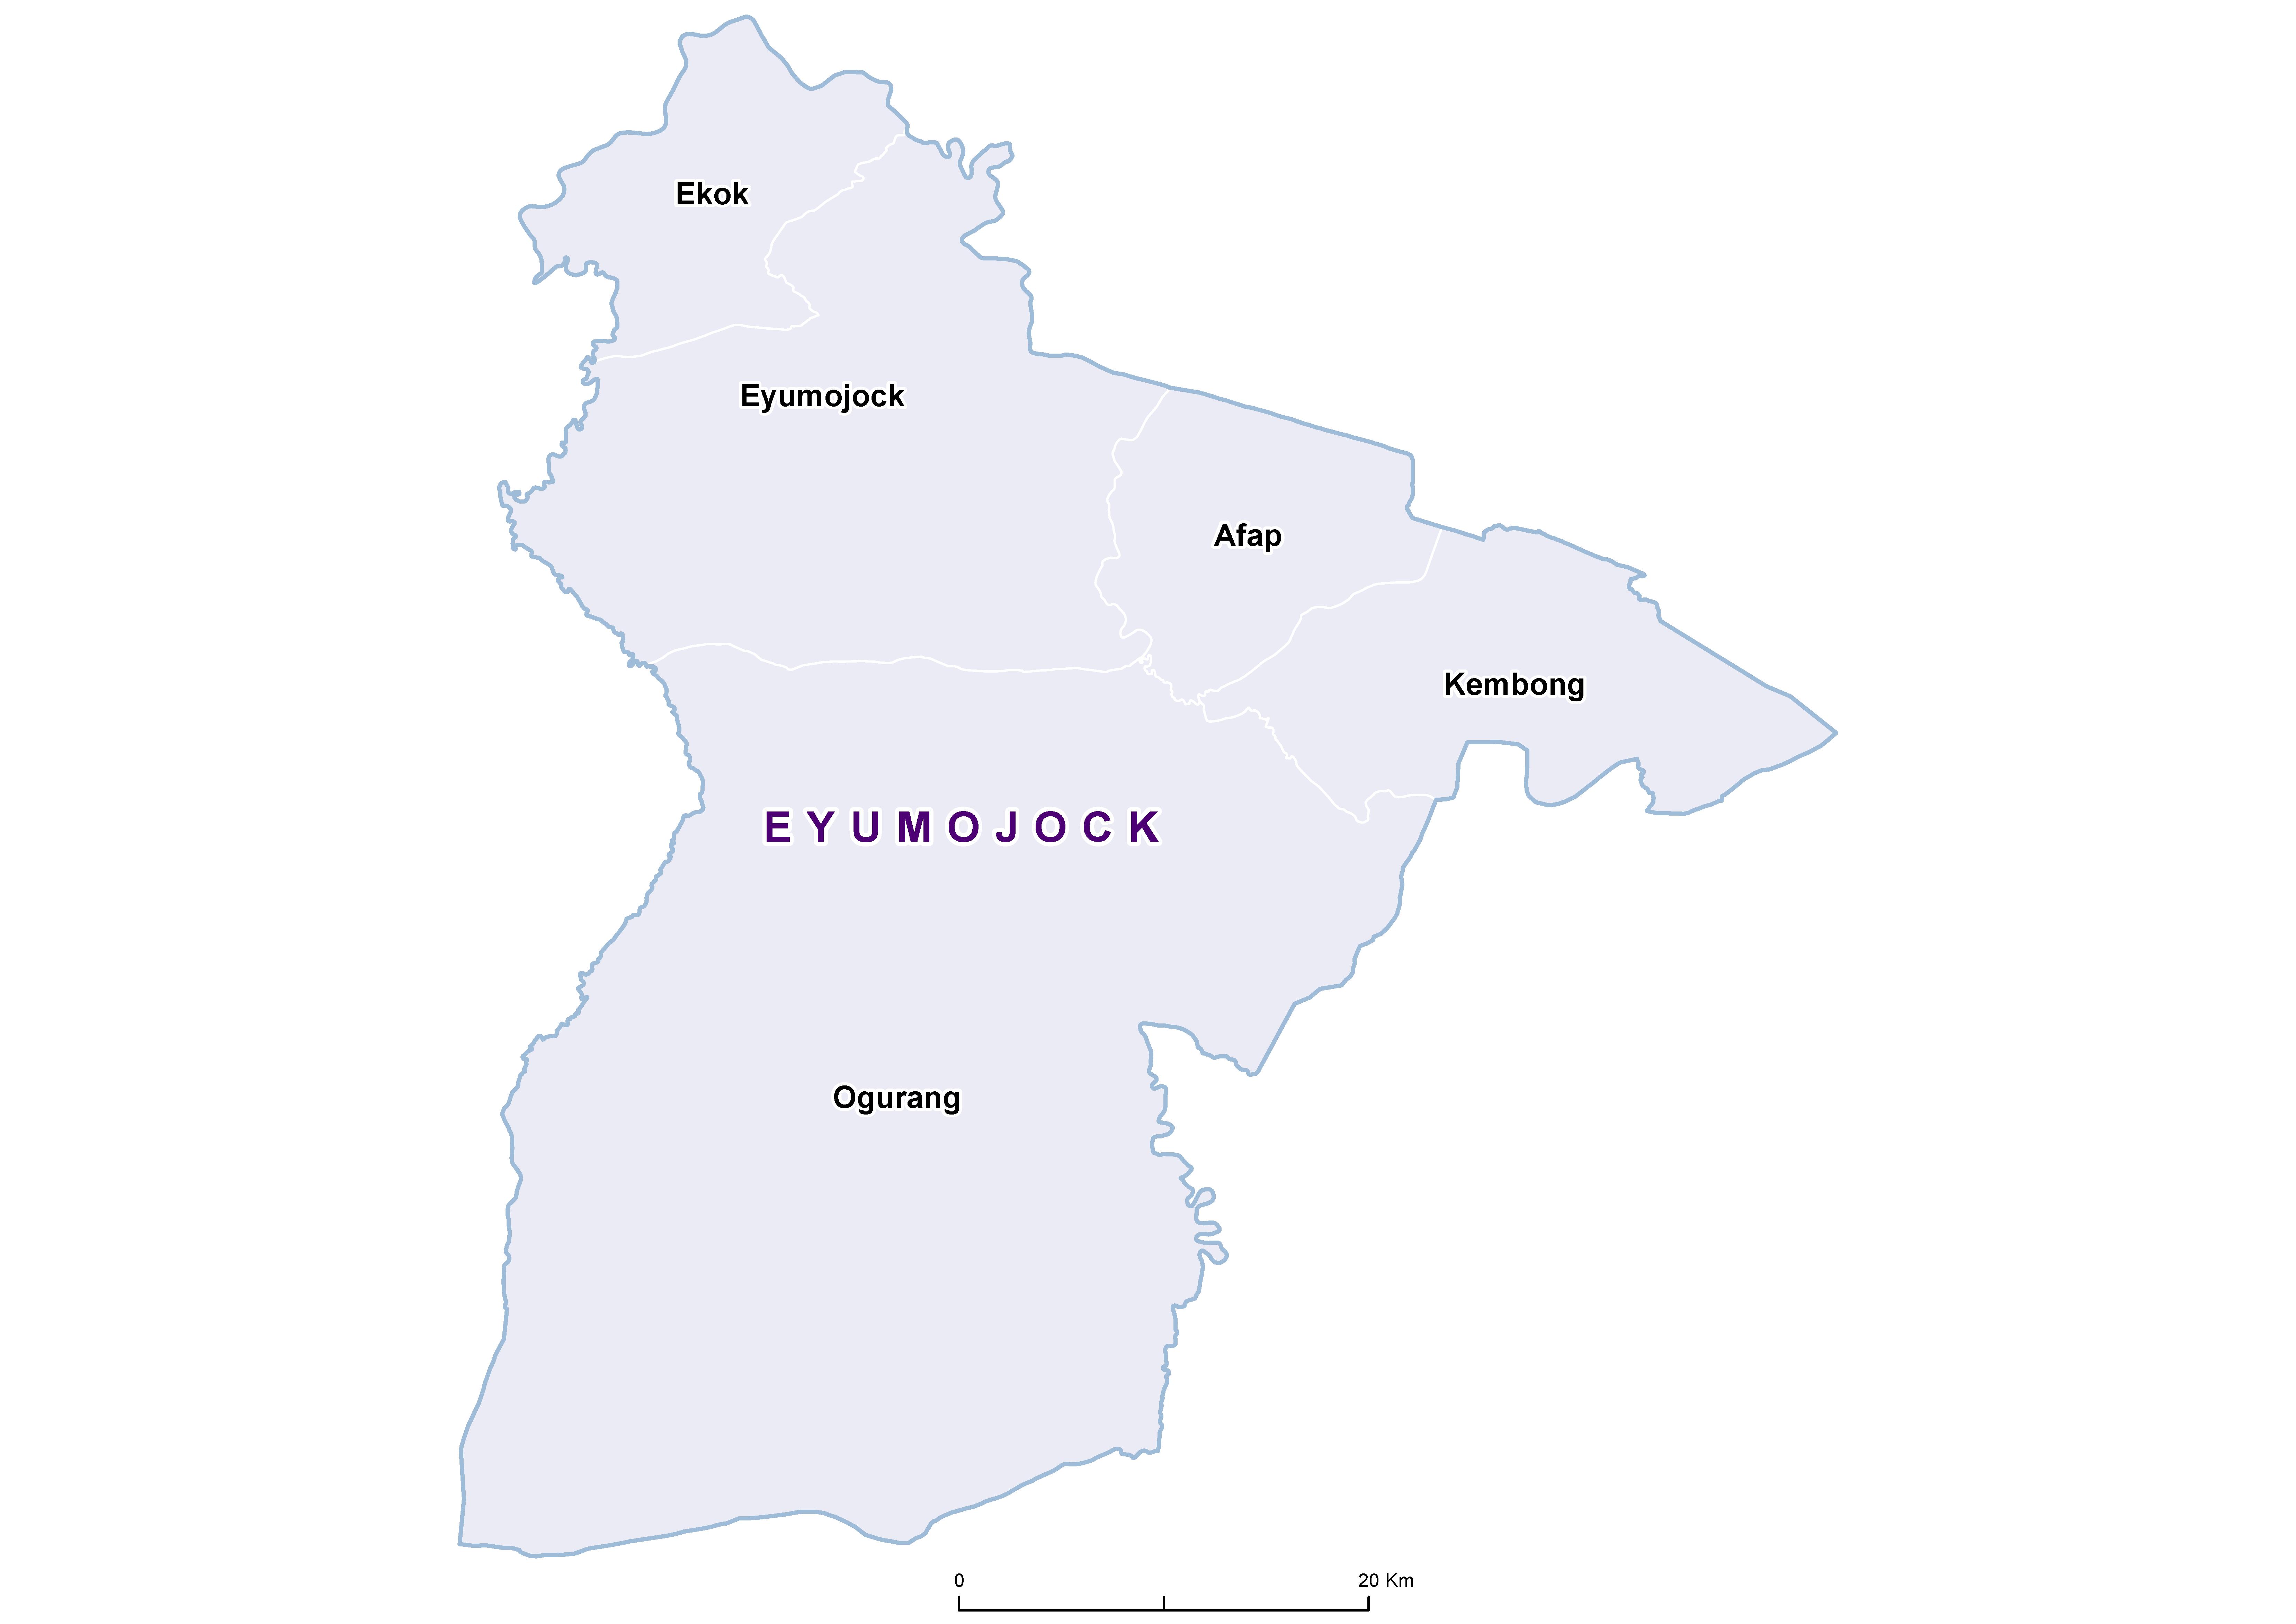 Eyumojock SCH 20180001